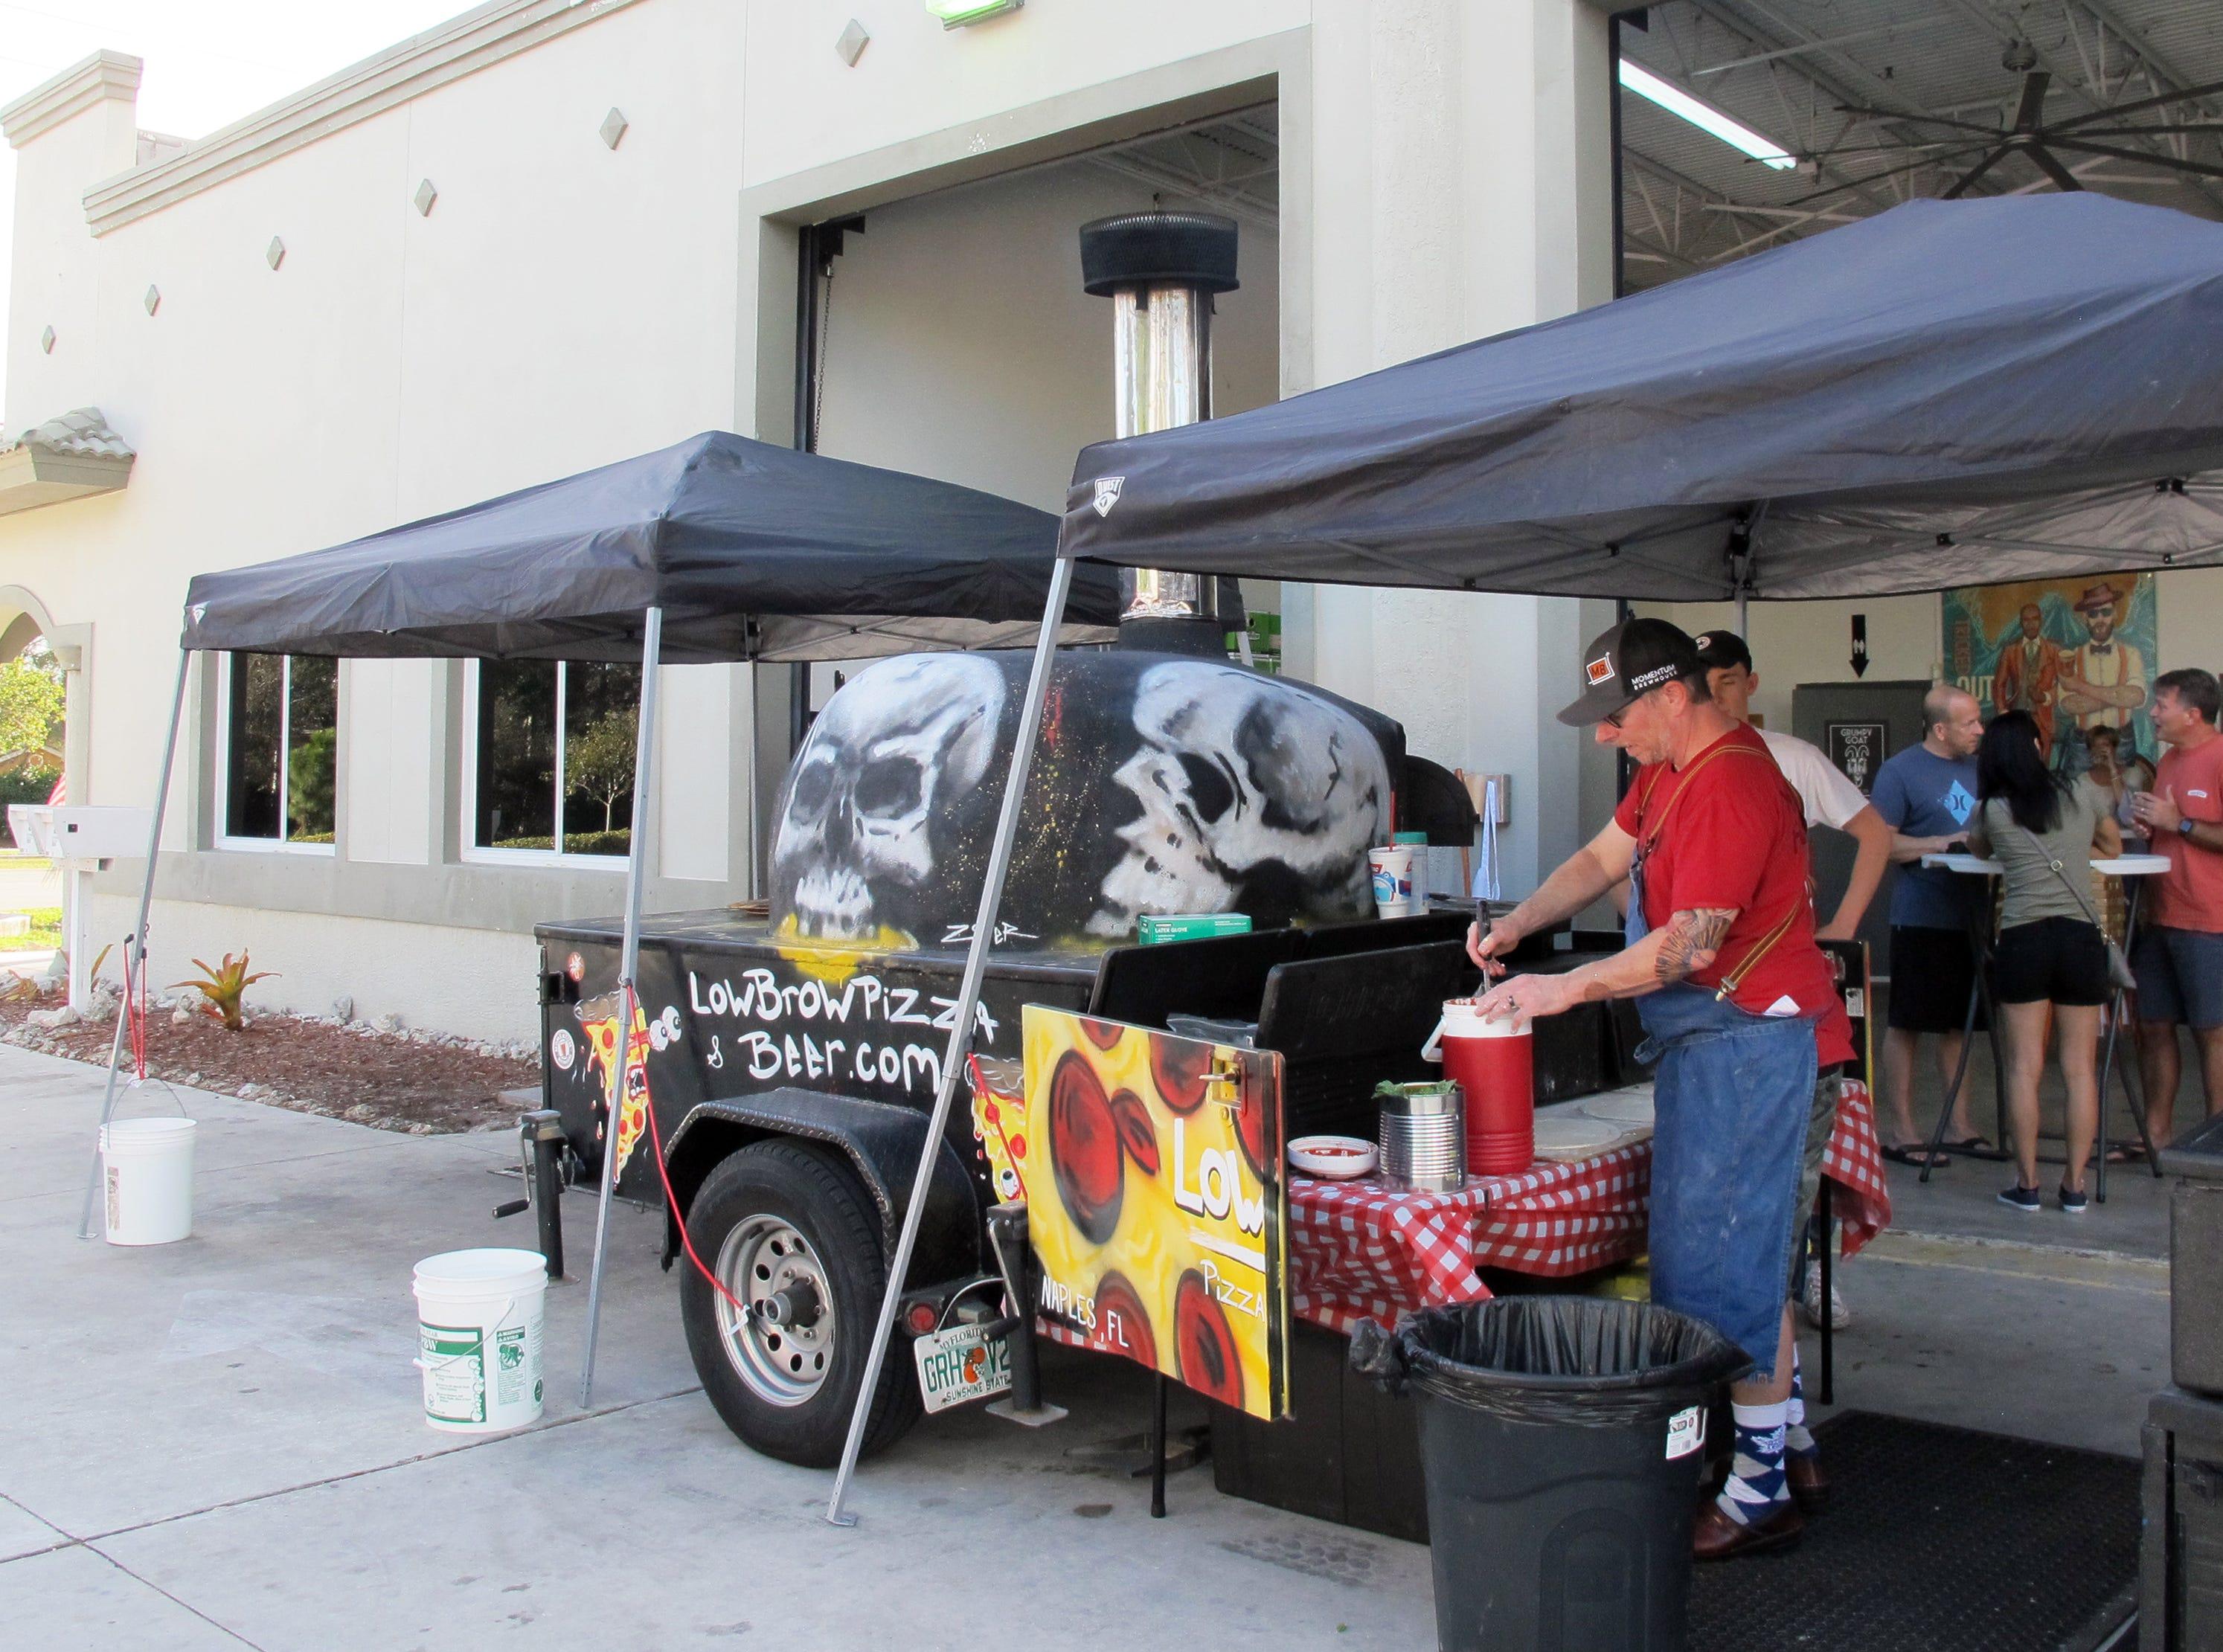 Chris Jones' LowBrow Pizza was the food vendor Sunday, Feb. 10, at Momentum Brewhouse on Bonita Beach Road in Bonita Springs.